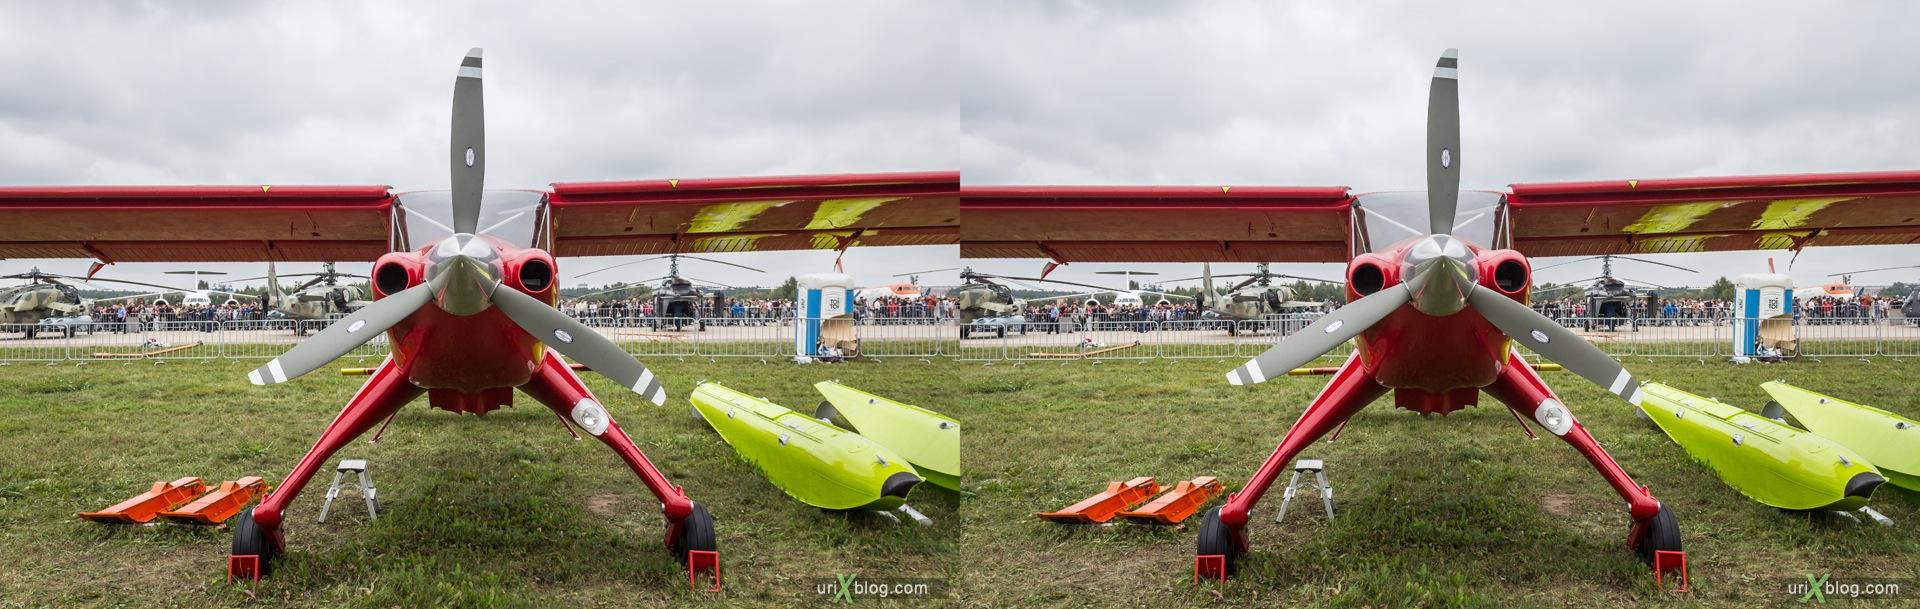 2013, PZL-104MA Wilga 2000, Россия, Раменское, Жуковский, аэродром, самолёт, экспозиция, МАКС, Международный Авиационно-космический Салон, 3D, перекрёстная стереопара, стерео, стереопара